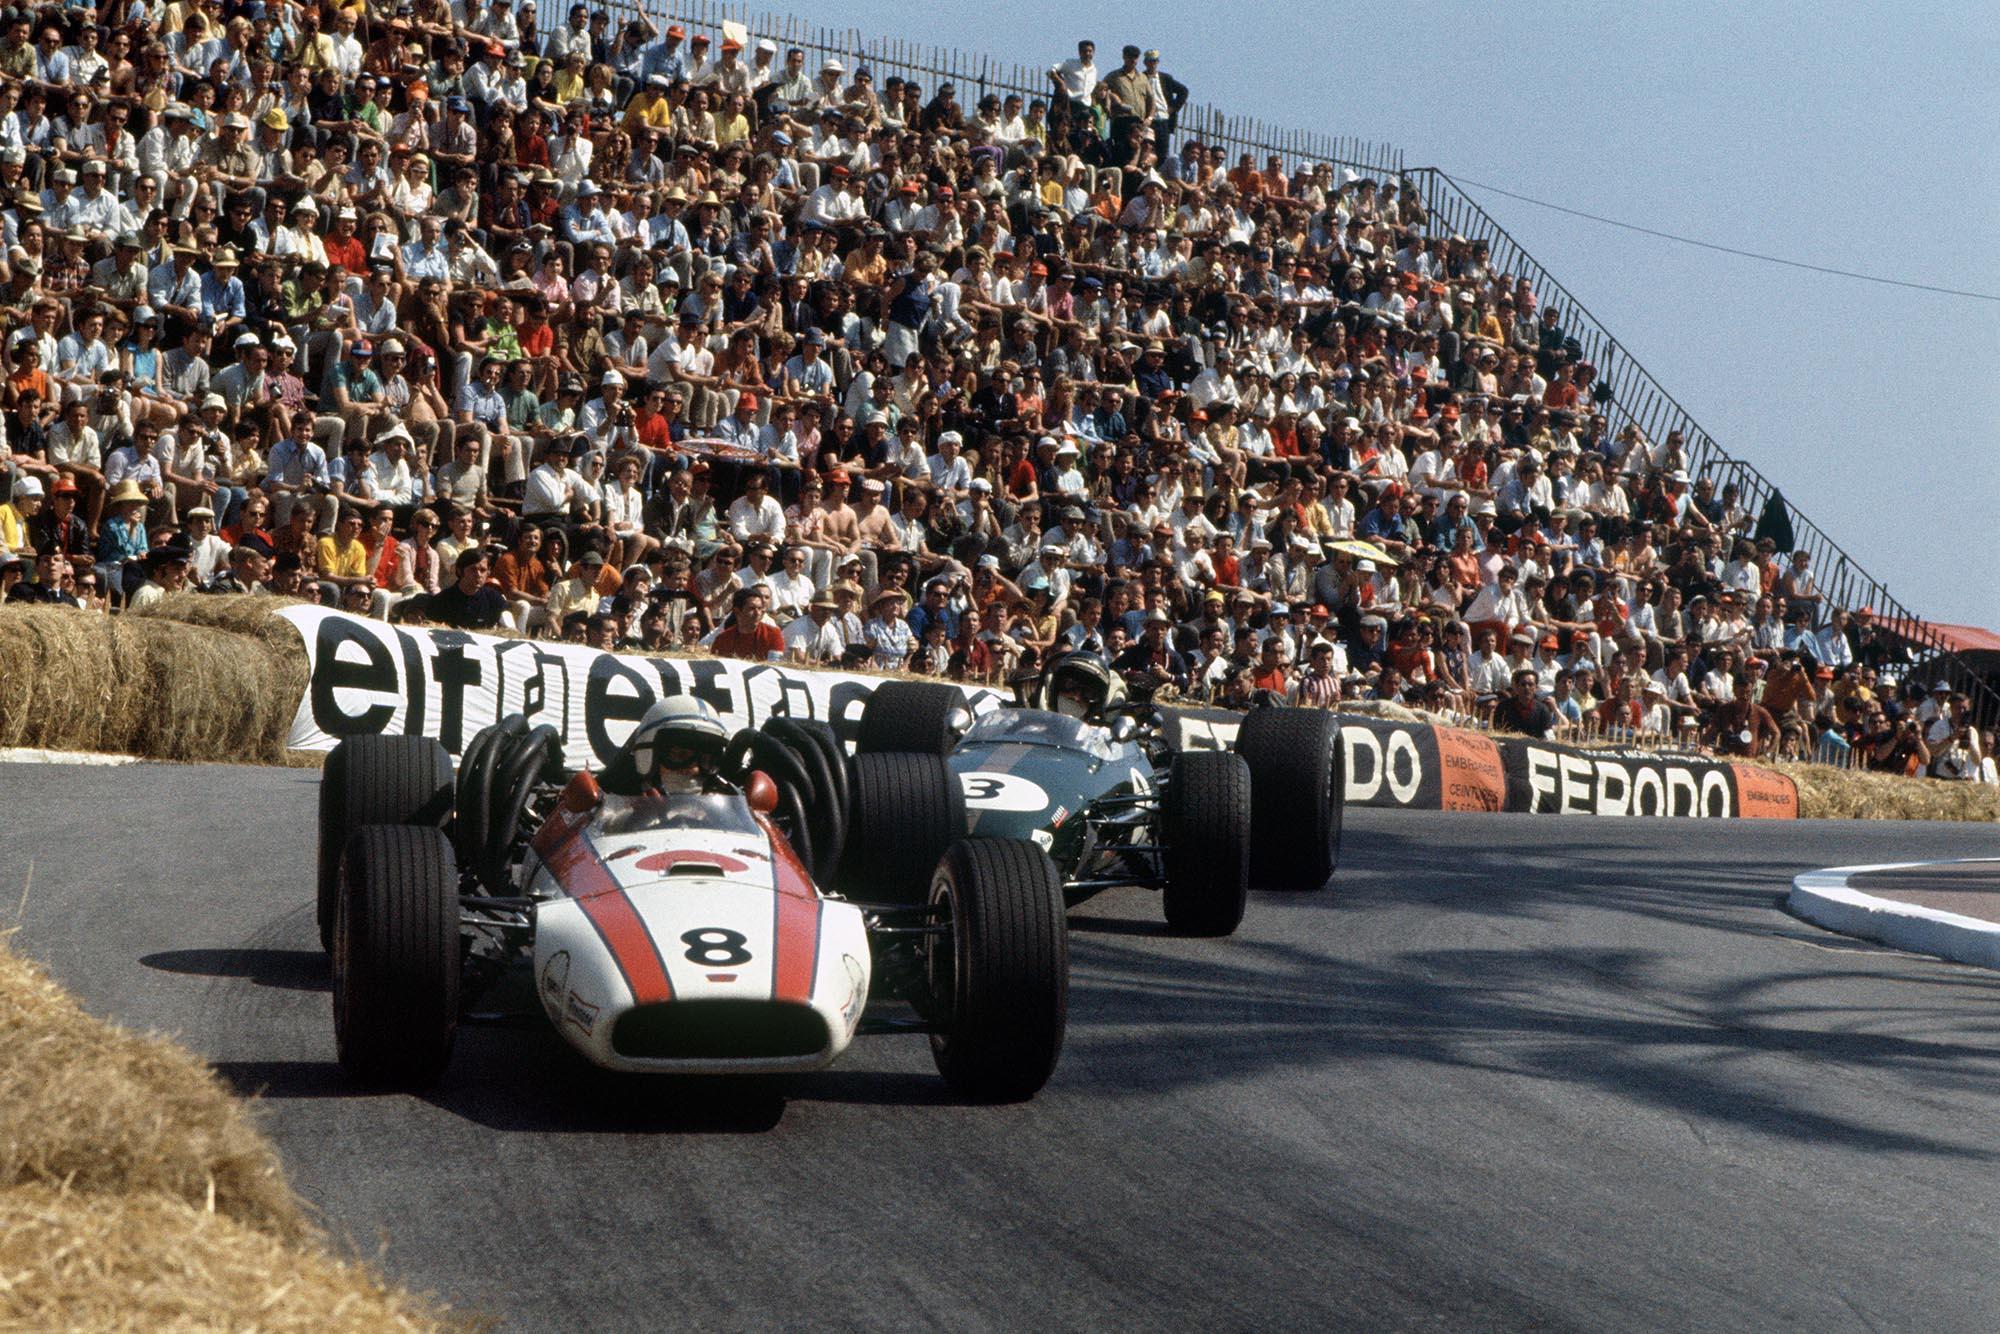 John Surtees (Honda RA301), retired, leads Jochen Rindt (Brabham BT24-Repco), retired, action.